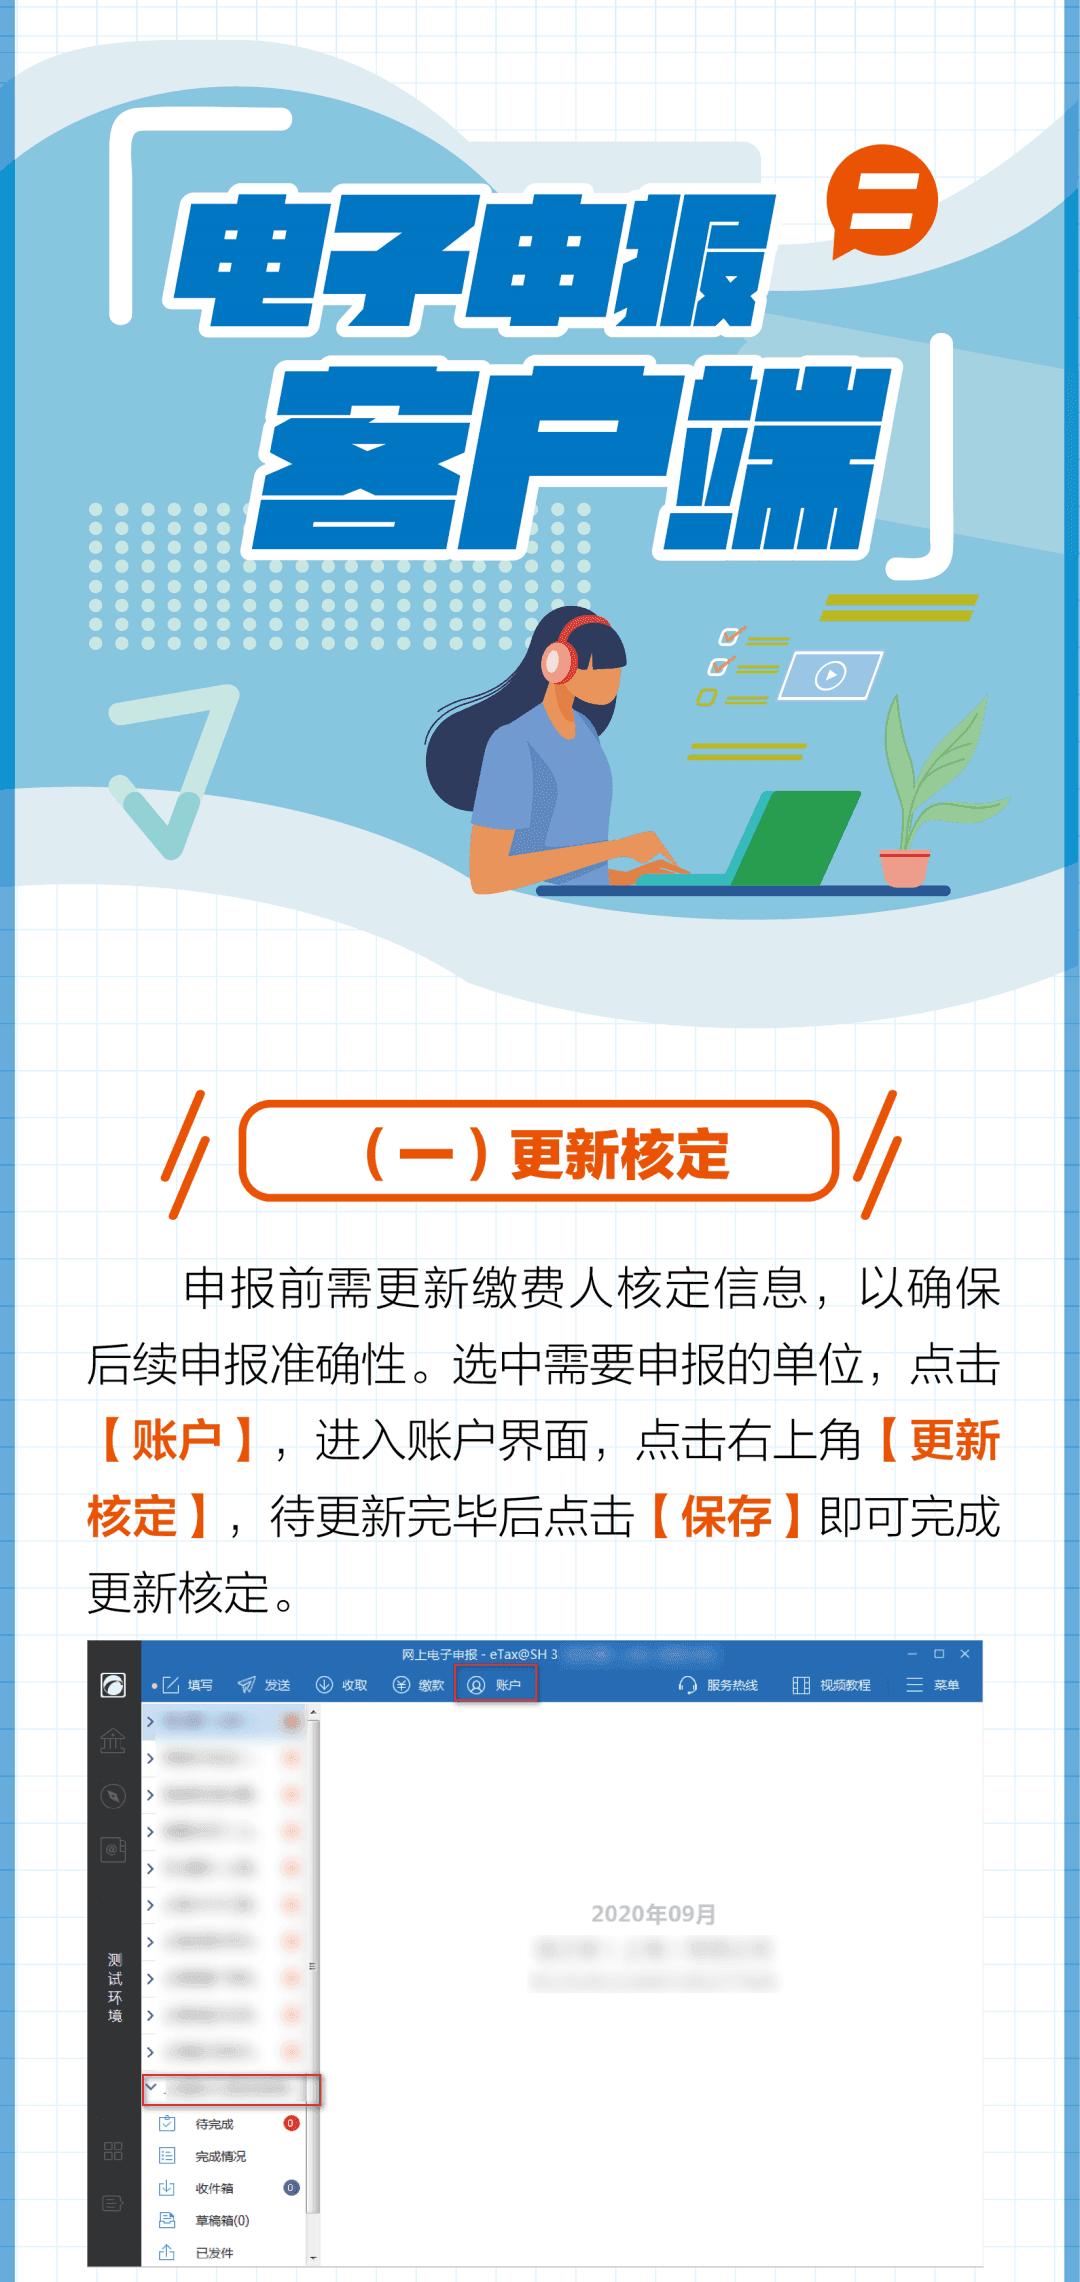 2020年上海残疾人就业保障金开始申报缴费啦!【操作指南】带您一图读懂网上申报缴费全流程!插图(6)